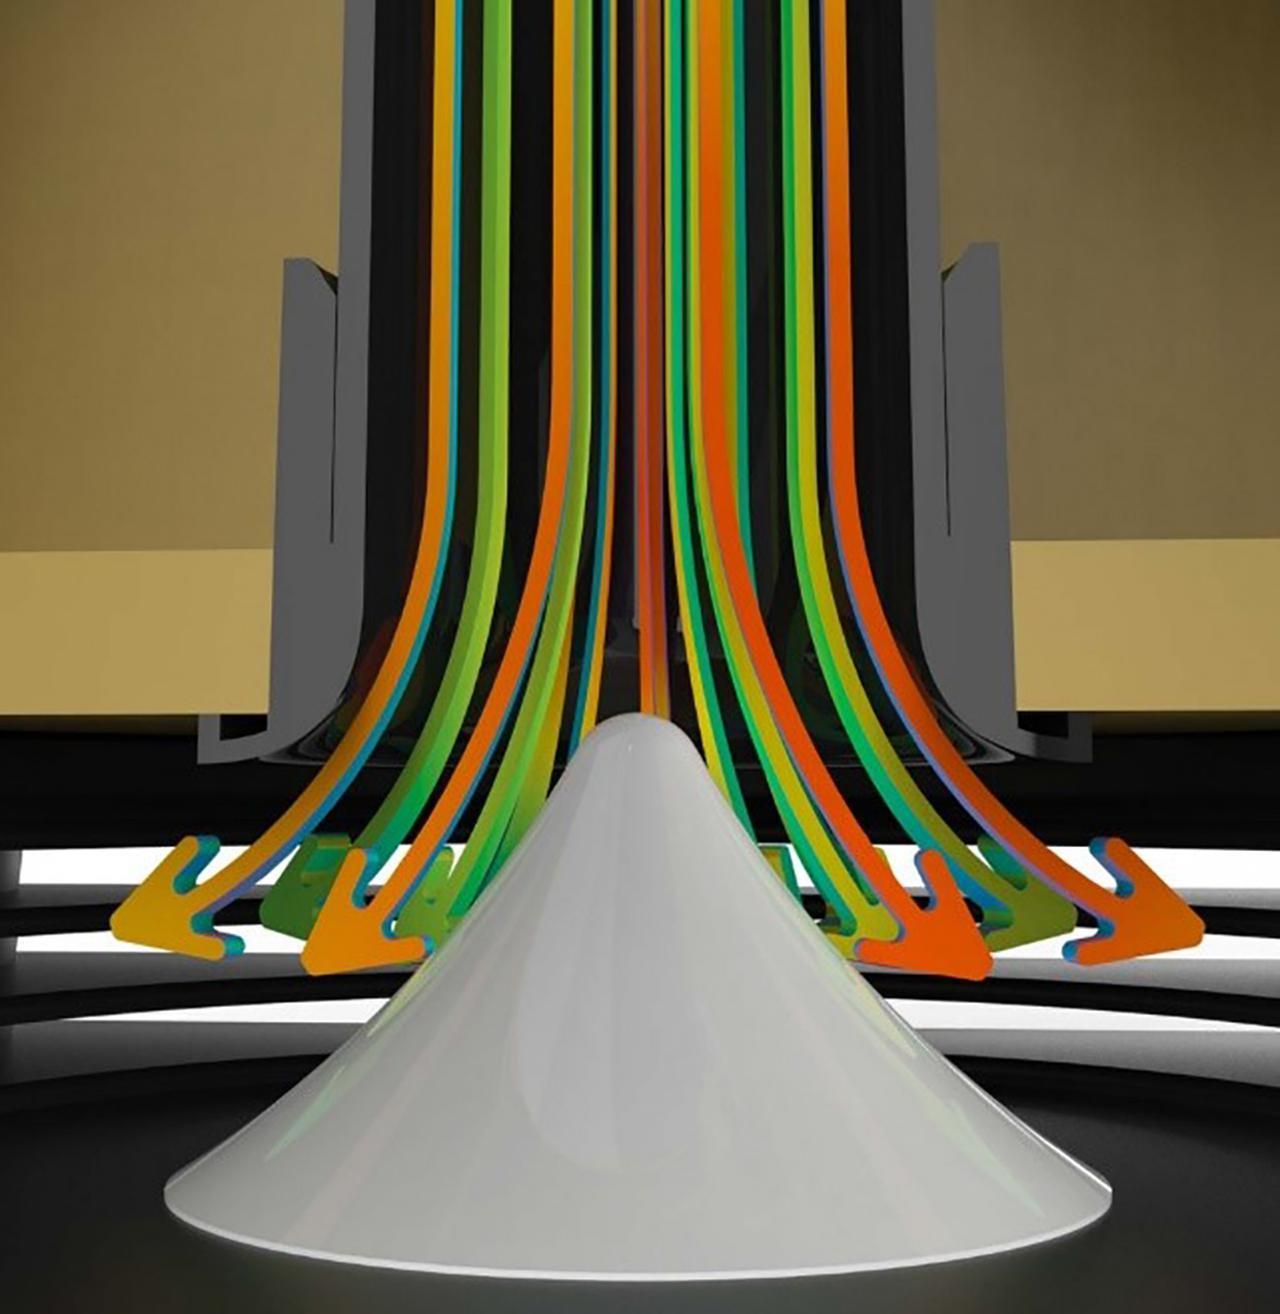 画像: ダウンファイヤー型のバスレフポートには特許技術である「BassTrax Tractrix(ベーストラックス・トラクトリックス)ポート・ディフューザーシステム」を投入。低域ポートをエンクロージャーの底に下向きに配し、その開口部に亜円錐状のディフューザーを設けることで、ポートから発する垂直プレーン波エネルギーを90°向きを変えて水平360度の均一な波面に変換する。リアポートなどのバスレフシステムでは避けられない「壁面から低域反射」を抑え、クリアーで力強い低域再生を叶える